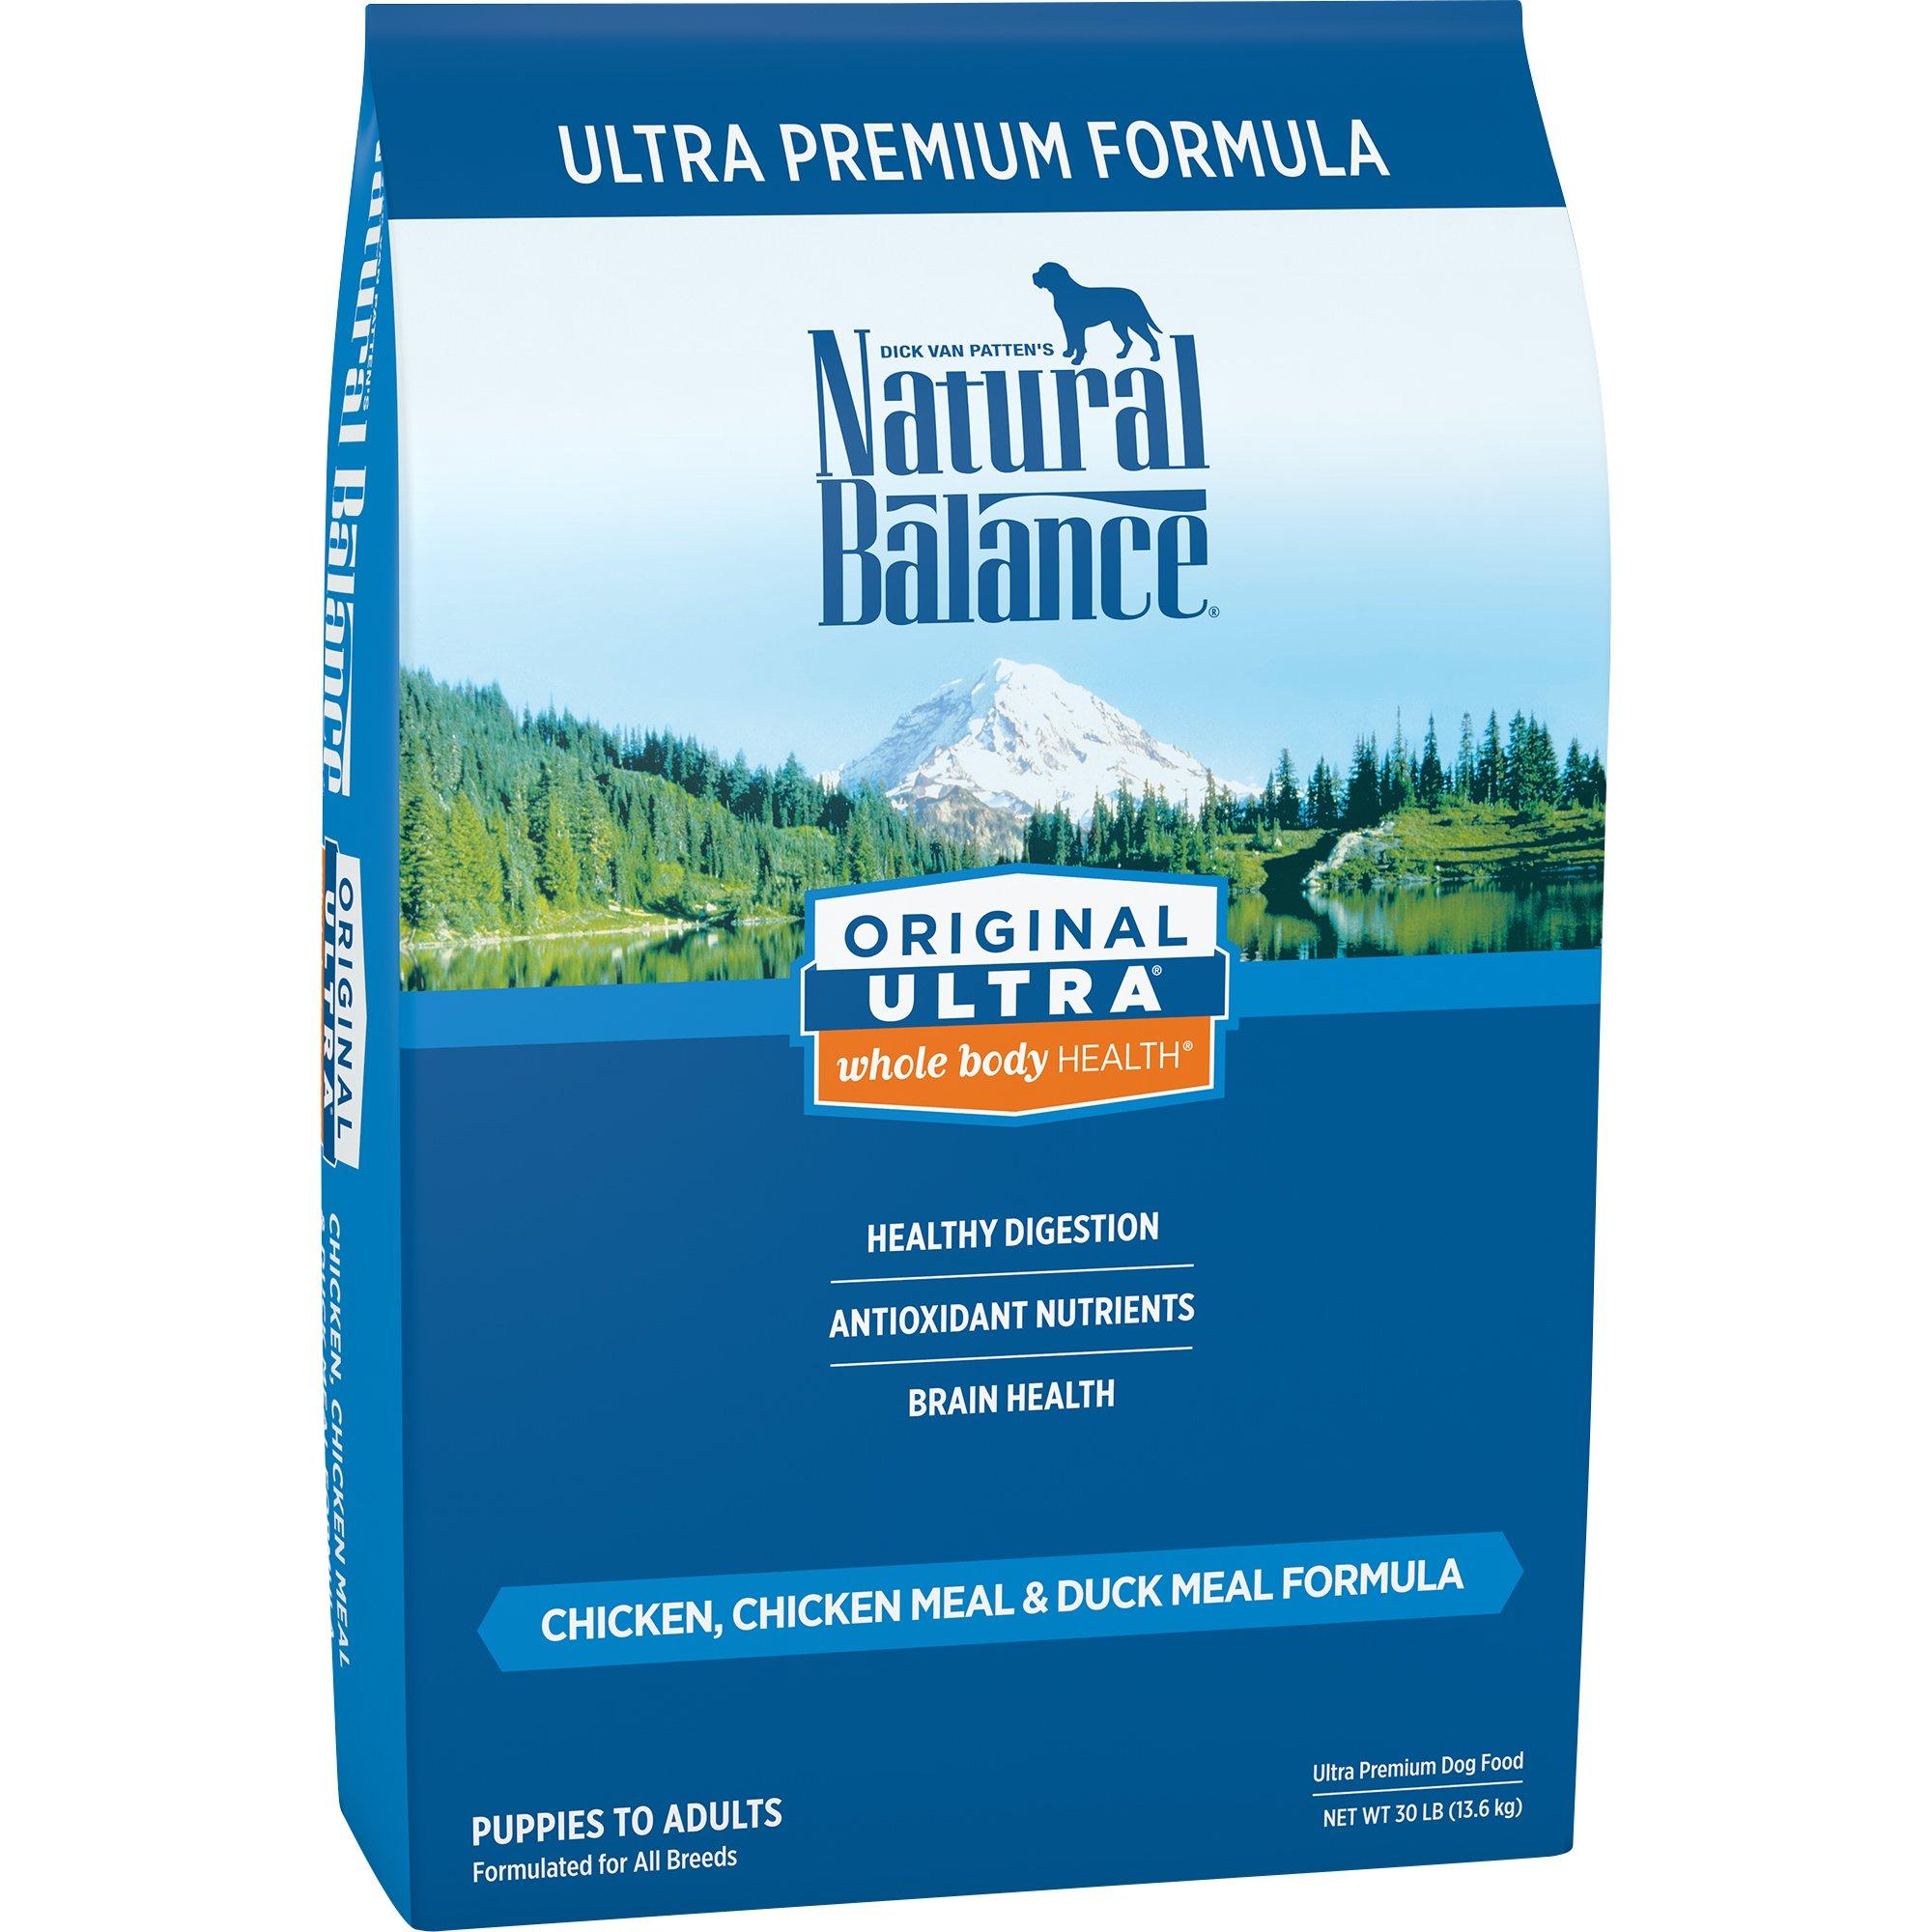 Natural Balance Original Ultra Dog Food